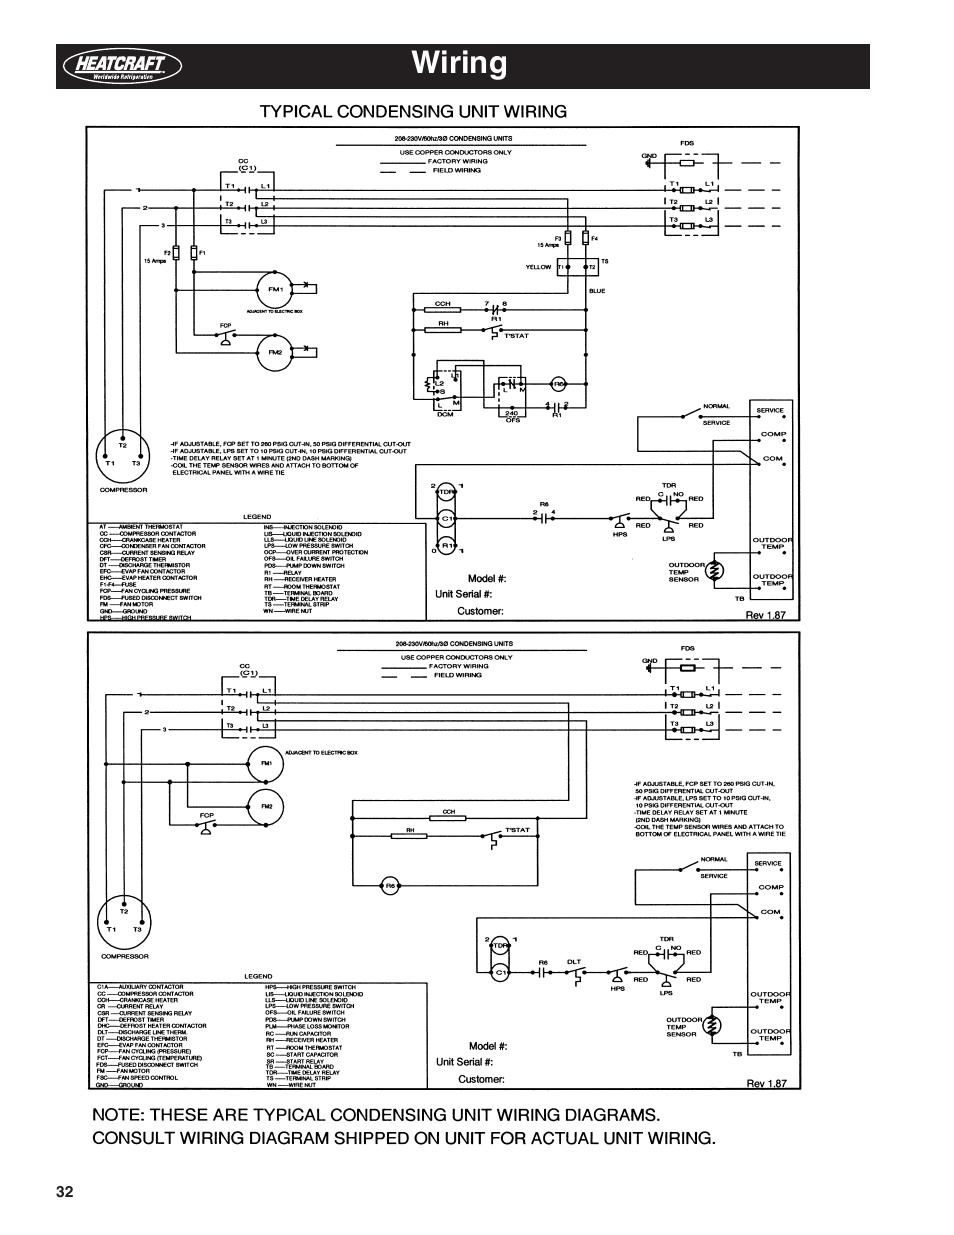 bohn condenser wiring diagram remote best wiring librarywiring heatcraft refrigeration products beacon ii h im 79e user rh manualsdir com bohn condenser wiring